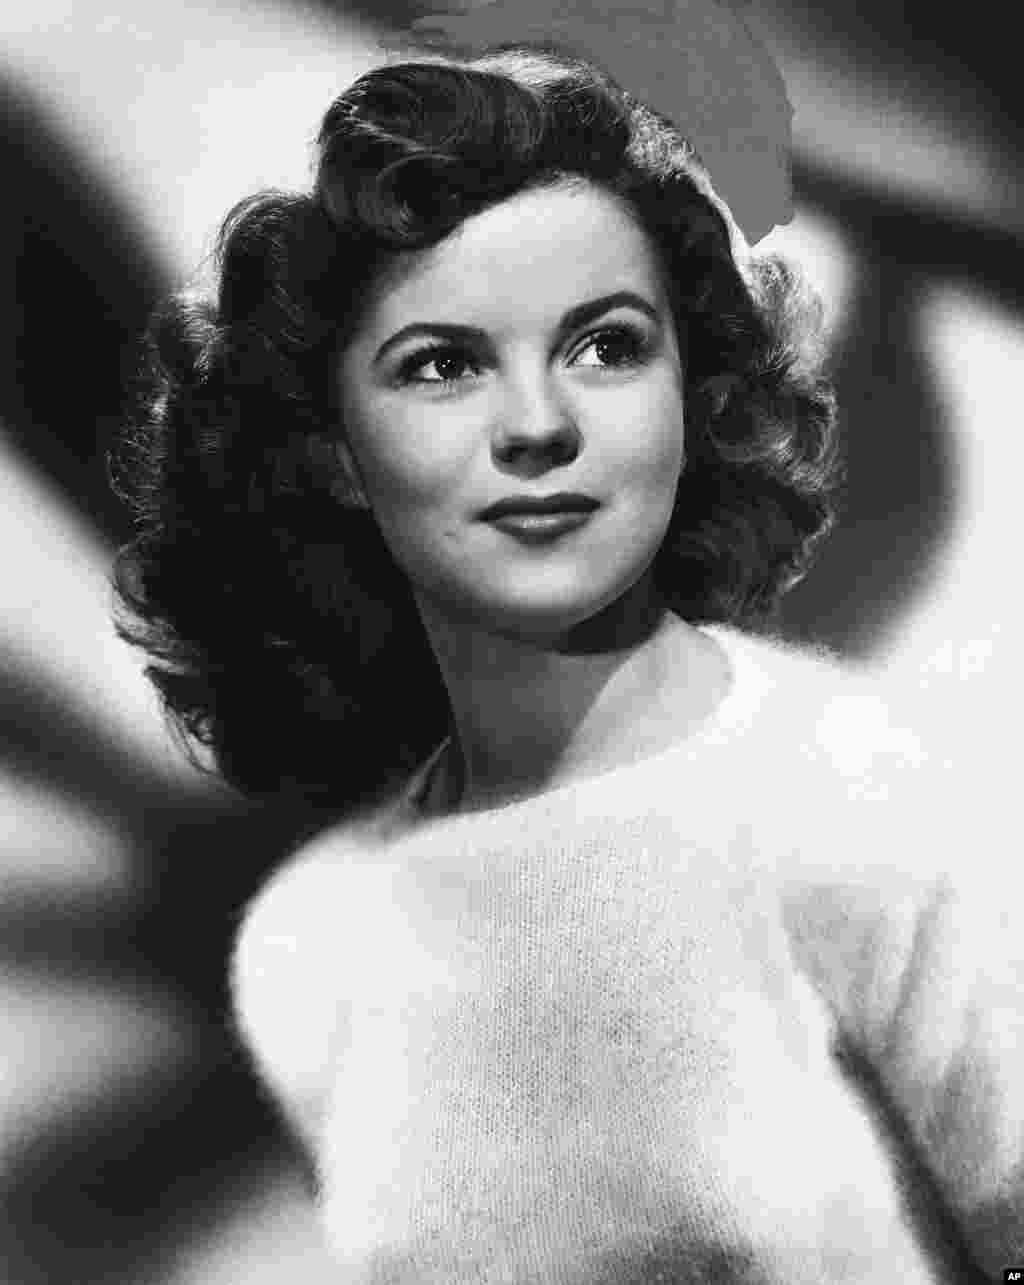 邓波儿家有女初长成, 秀兰·邓波儿在1946年